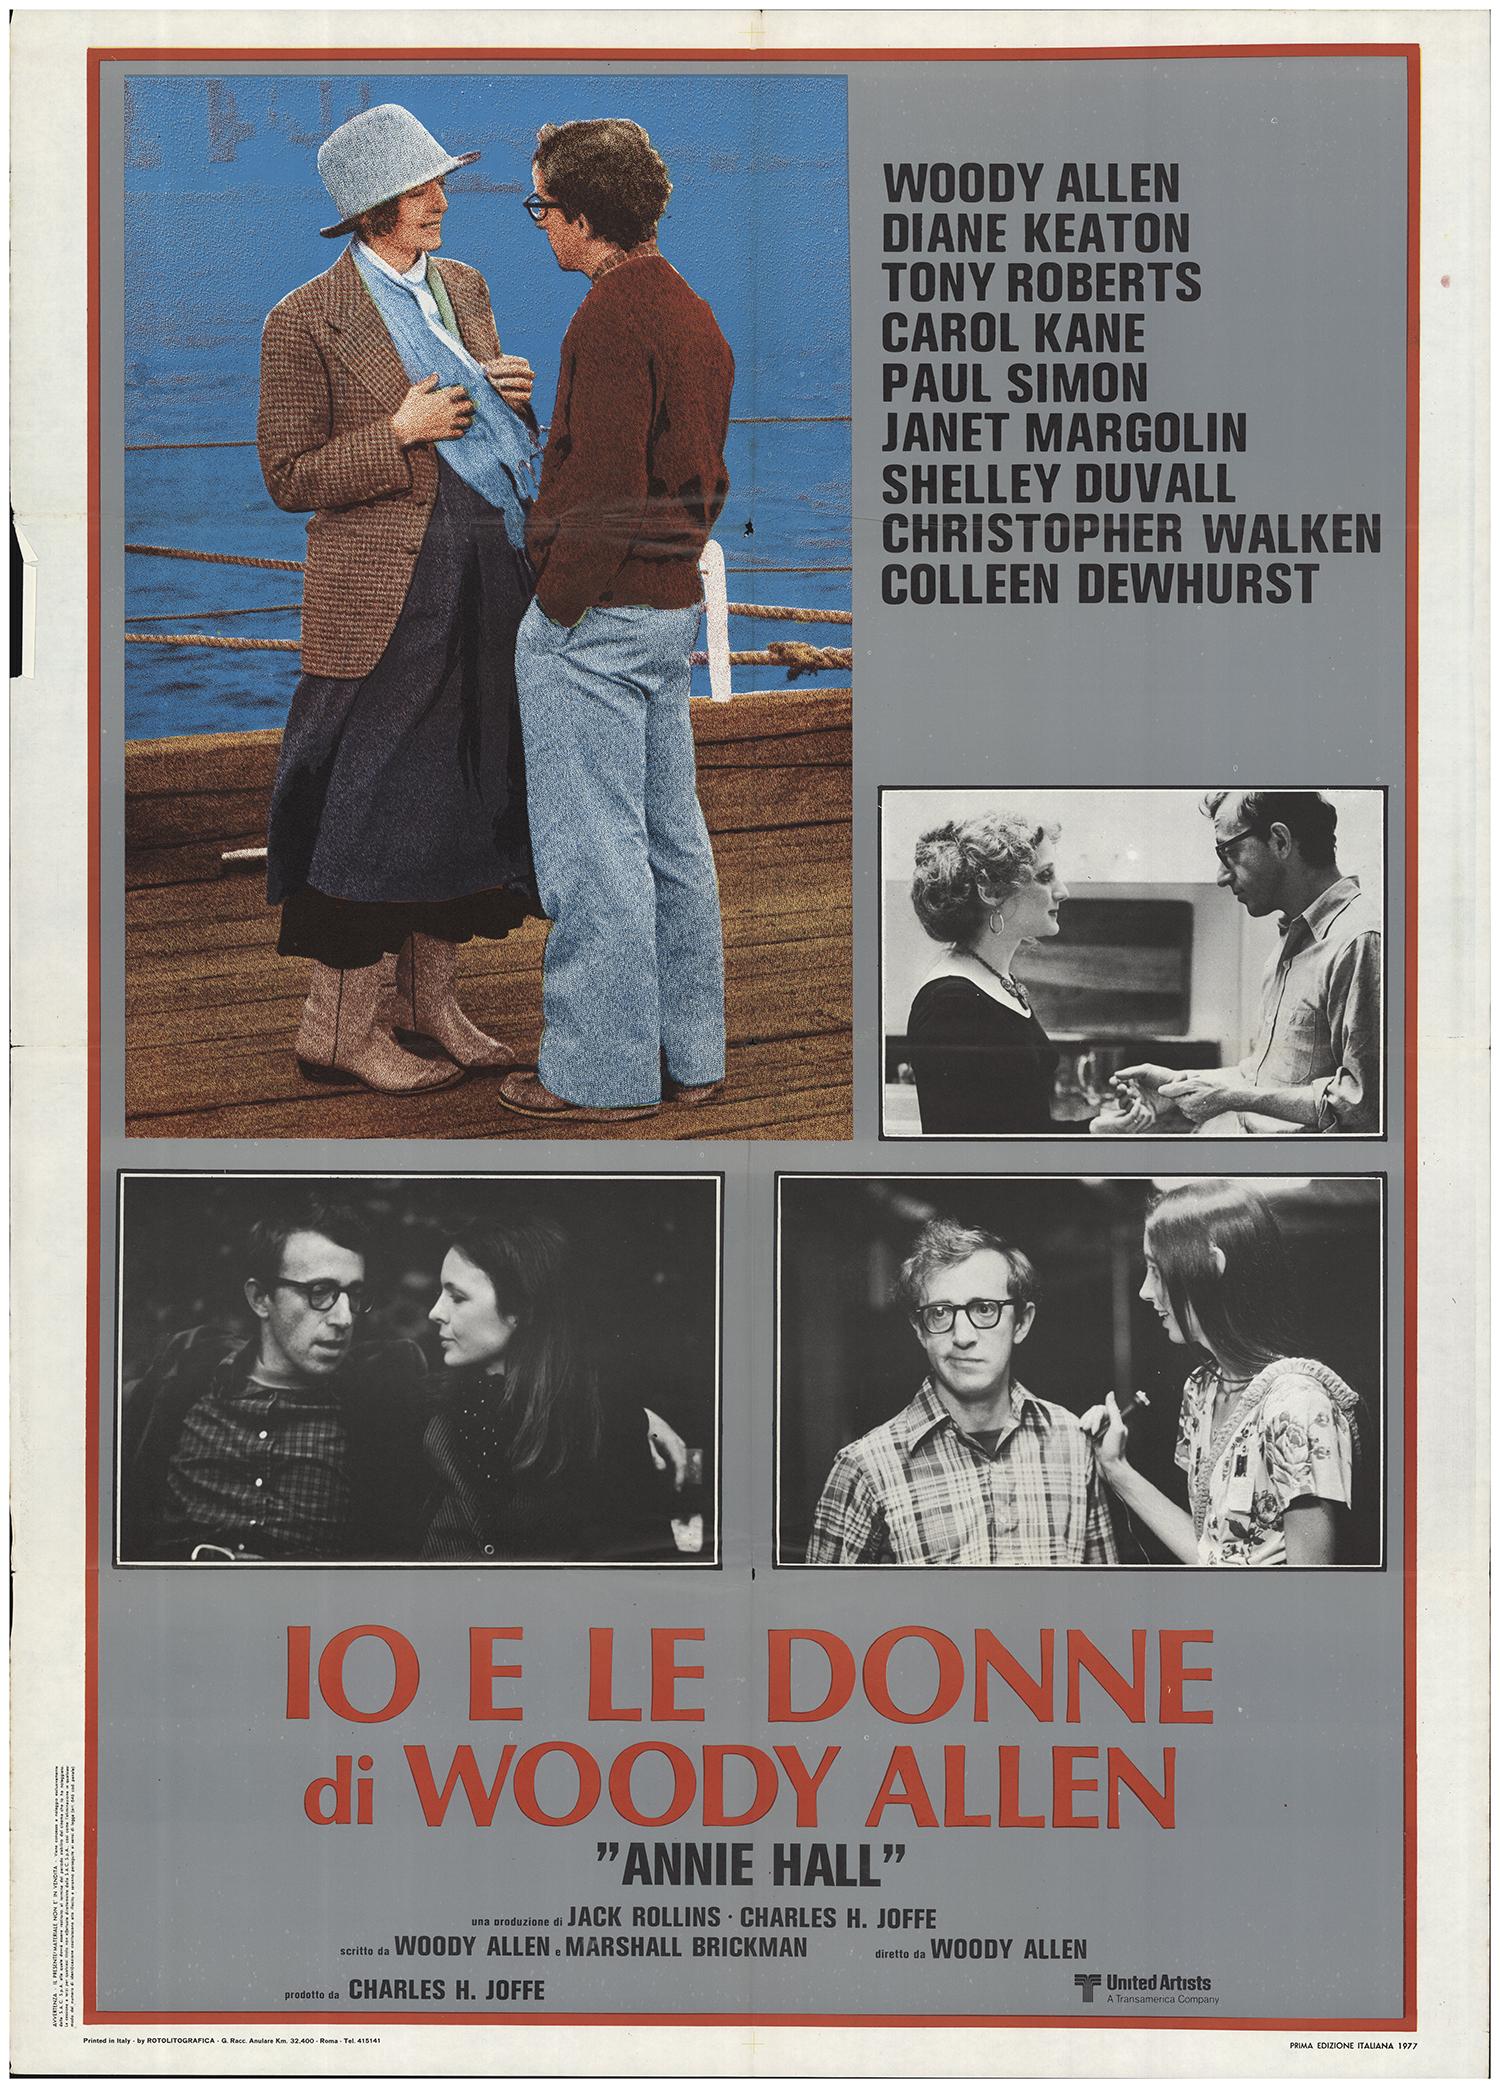 Annie Hall 1977 Original Movie Poster #FFF-67746 | FFFMovieposters.com